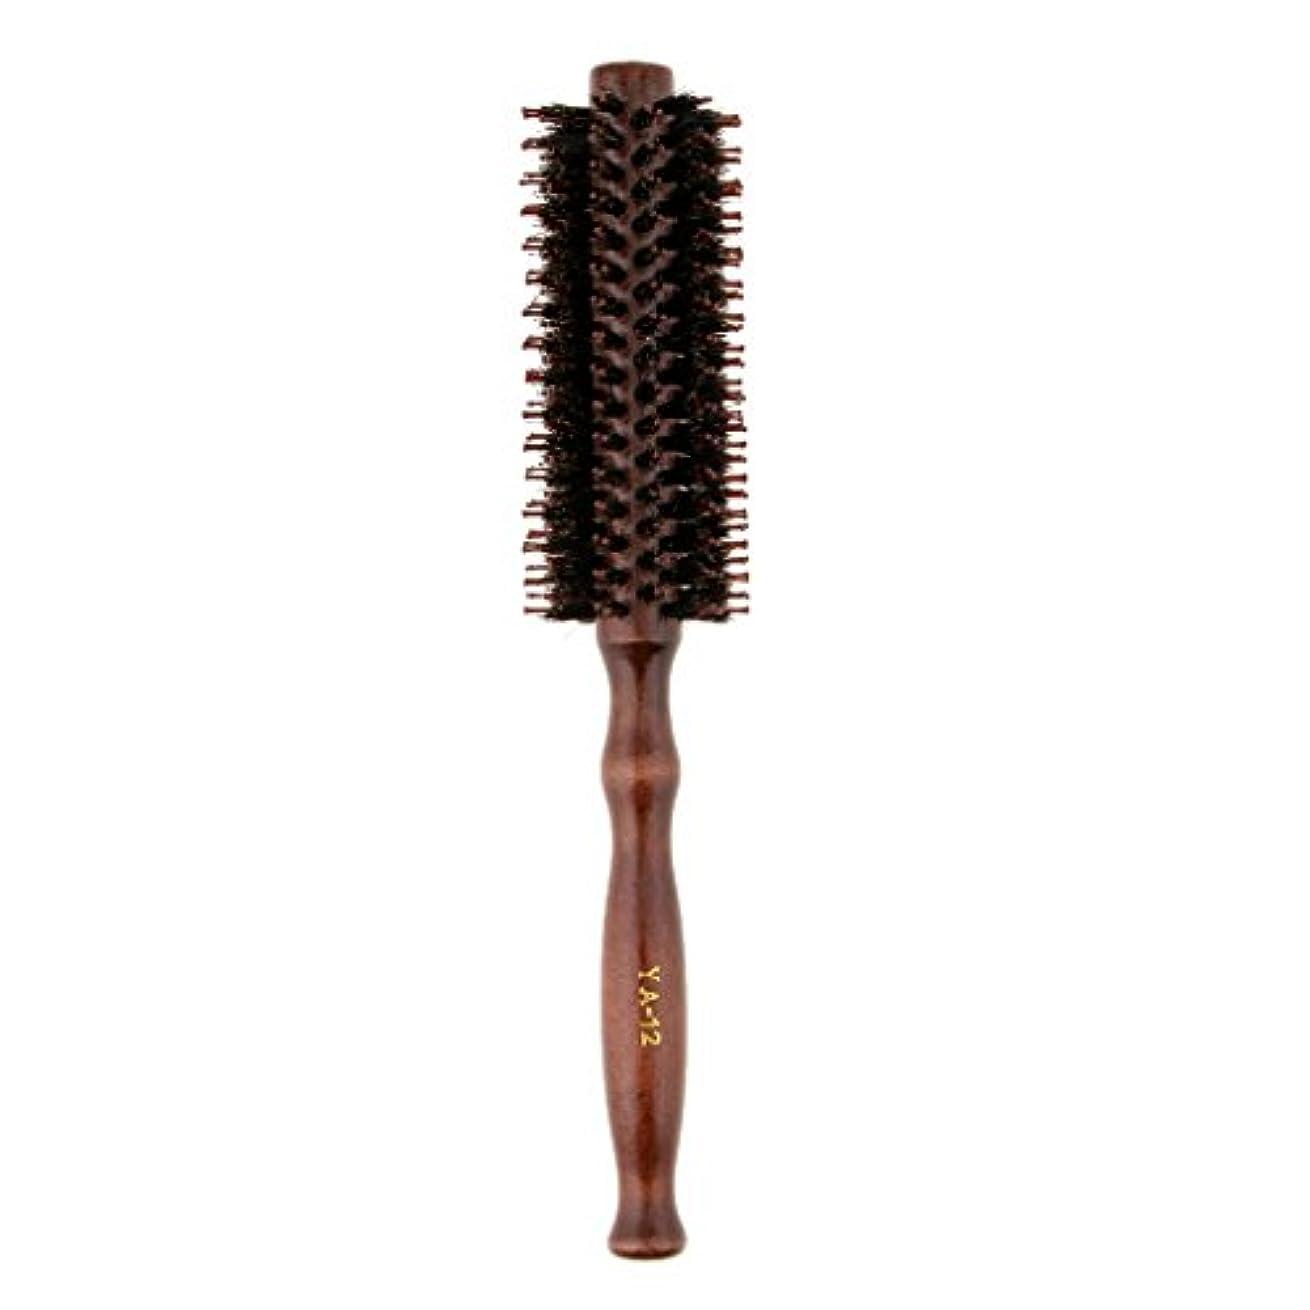 うねる敏感な大きなスケールで見るとFenteer ロールブラシ ヘアブラシ 木製ハンドル 滑らか 仕上げ 速乾性 軽量 理髪 美容 カール 2タイプ選べる - #2